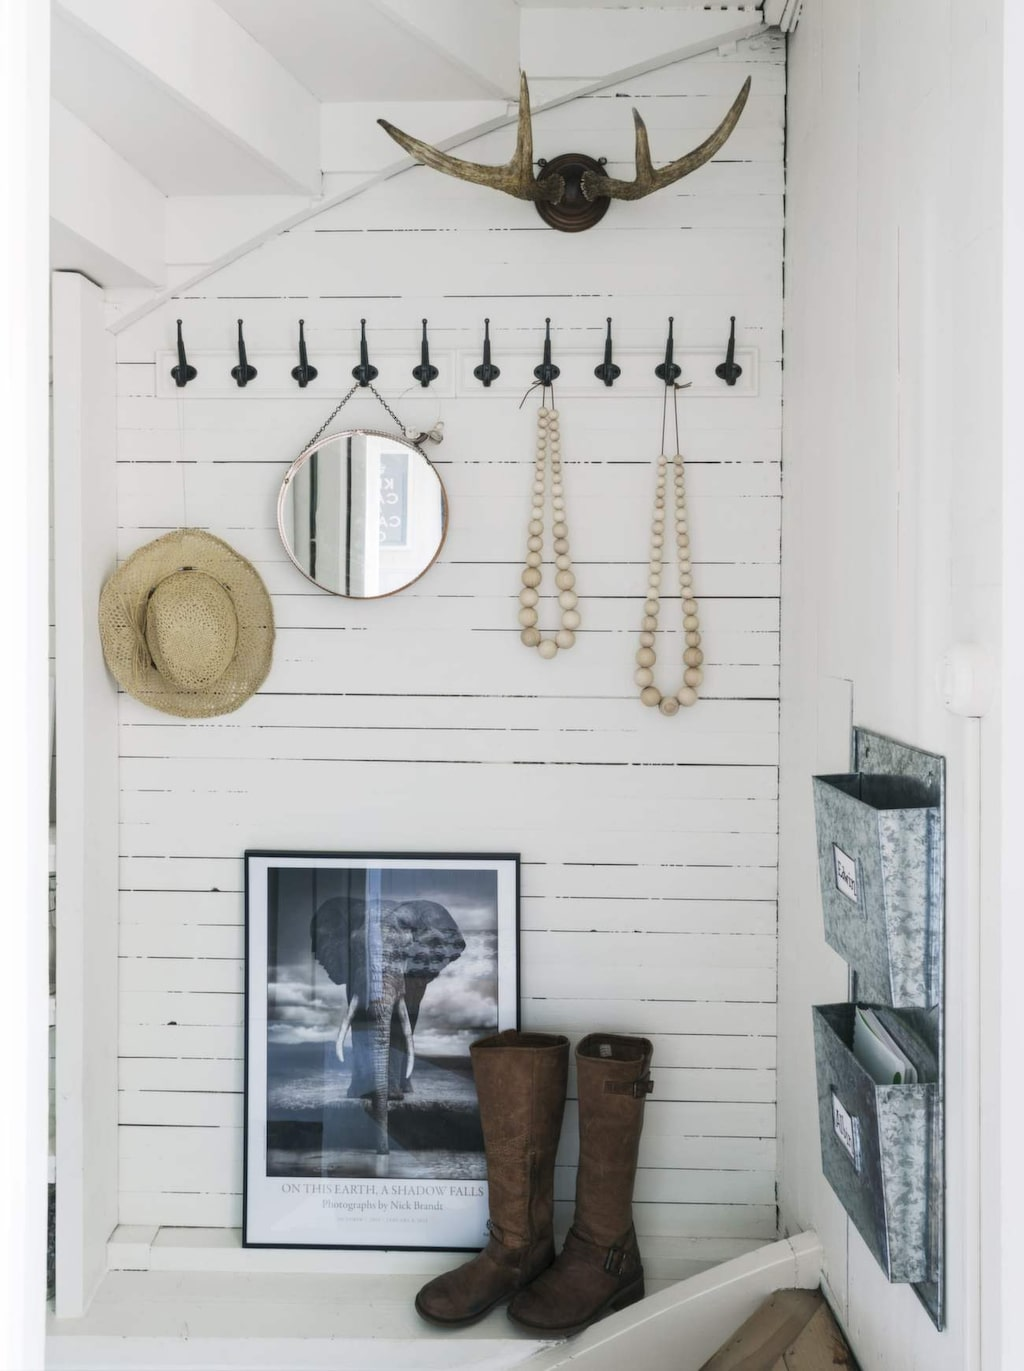 I källartrappan sitter knoppbrädor från Ikea. Spegel från Myrorna, älghorn från Åsas morfar, hatt köpt i England. Halsbanden har Åsa och Ester gjort med träpärlor och läderband från Panduro. Tavlan är från Fotografiska/Nick Brandt. Ram Ikea. Postfacken är från Bruka design och i dem lägger vi viktiga papper som ska ned till killarnas rum.